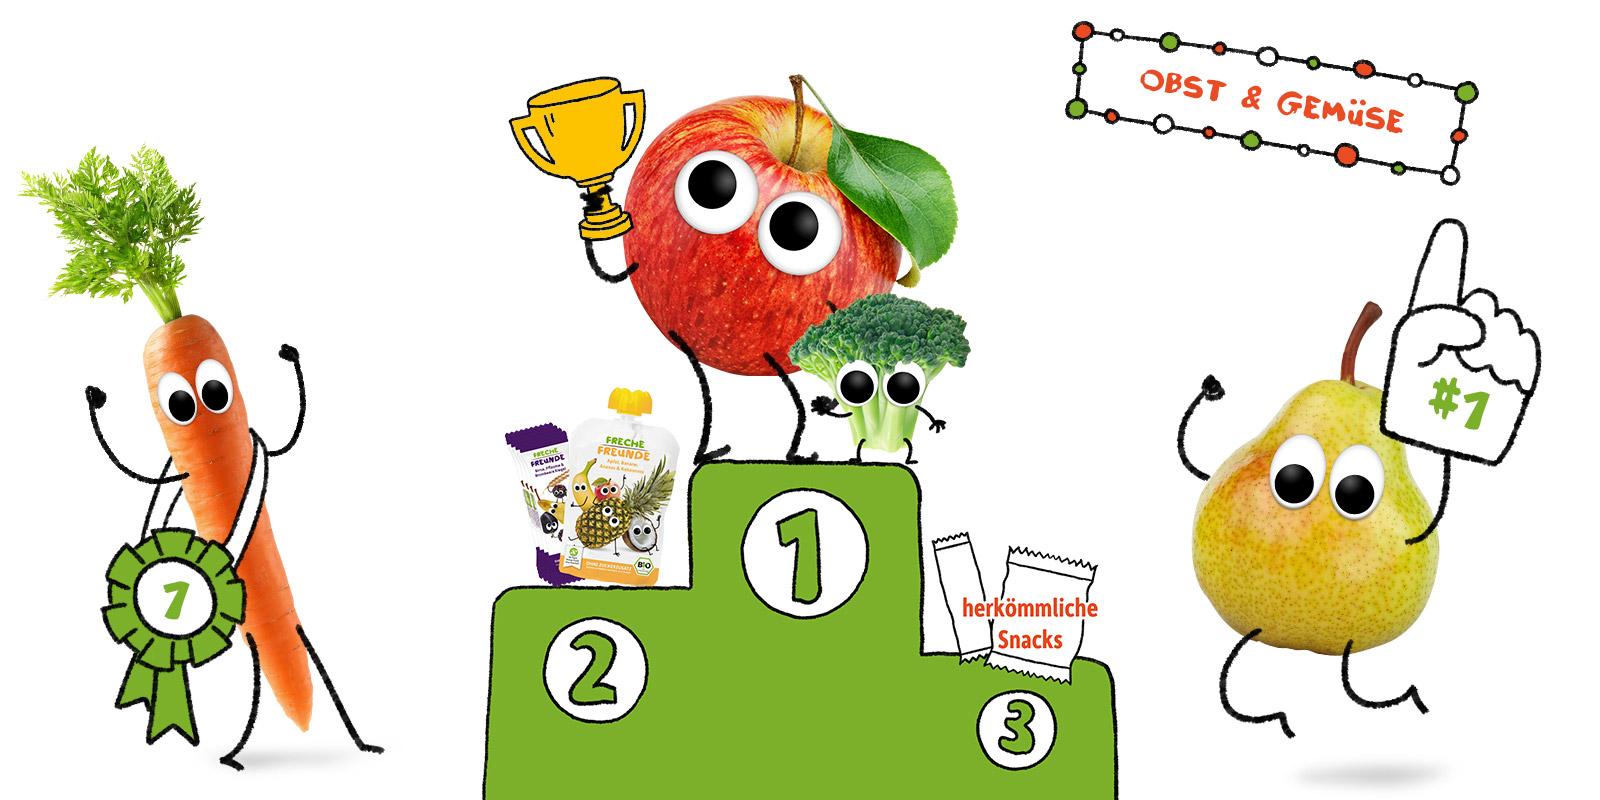 Frisches Obst & Gemüse ist immer die bessere Wahl!